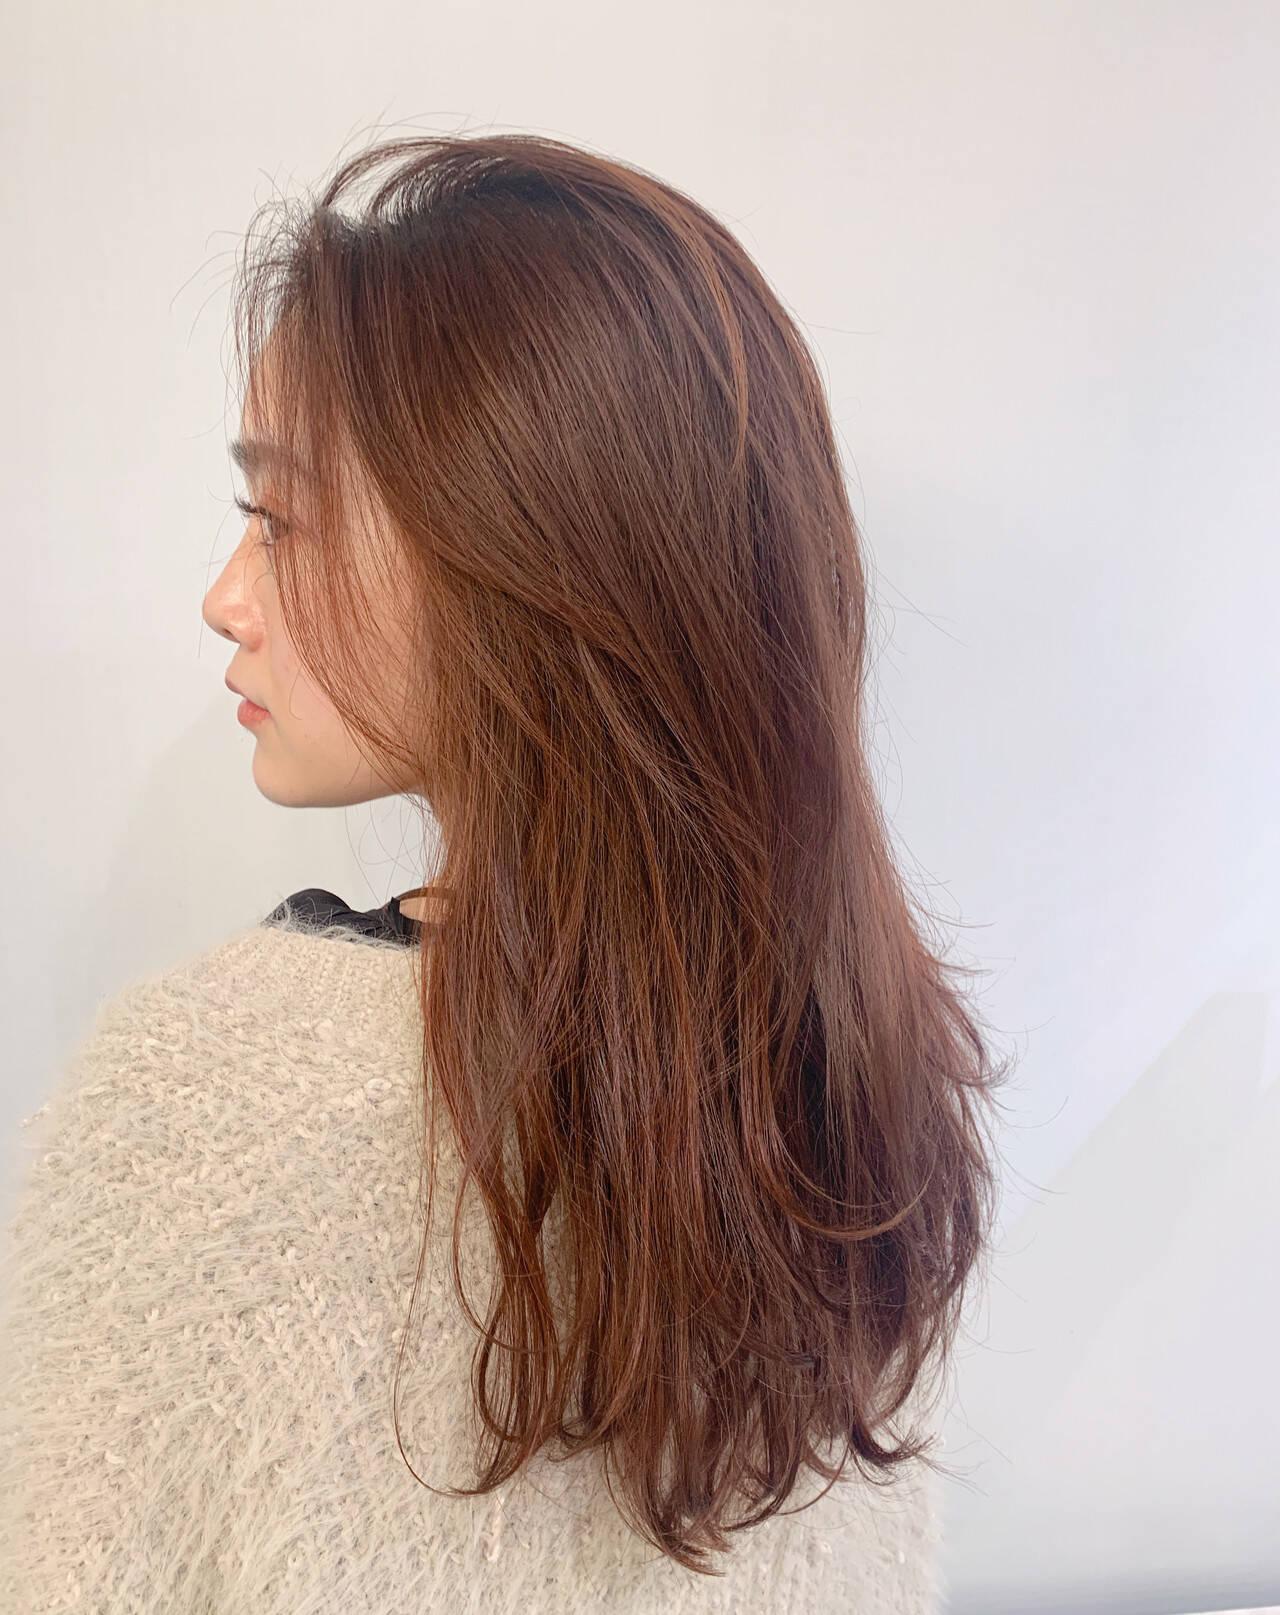 オレンジカラー 毛先パーマ レイヤーカット ナチュラルヘアスタイルや髪型の写真・画像